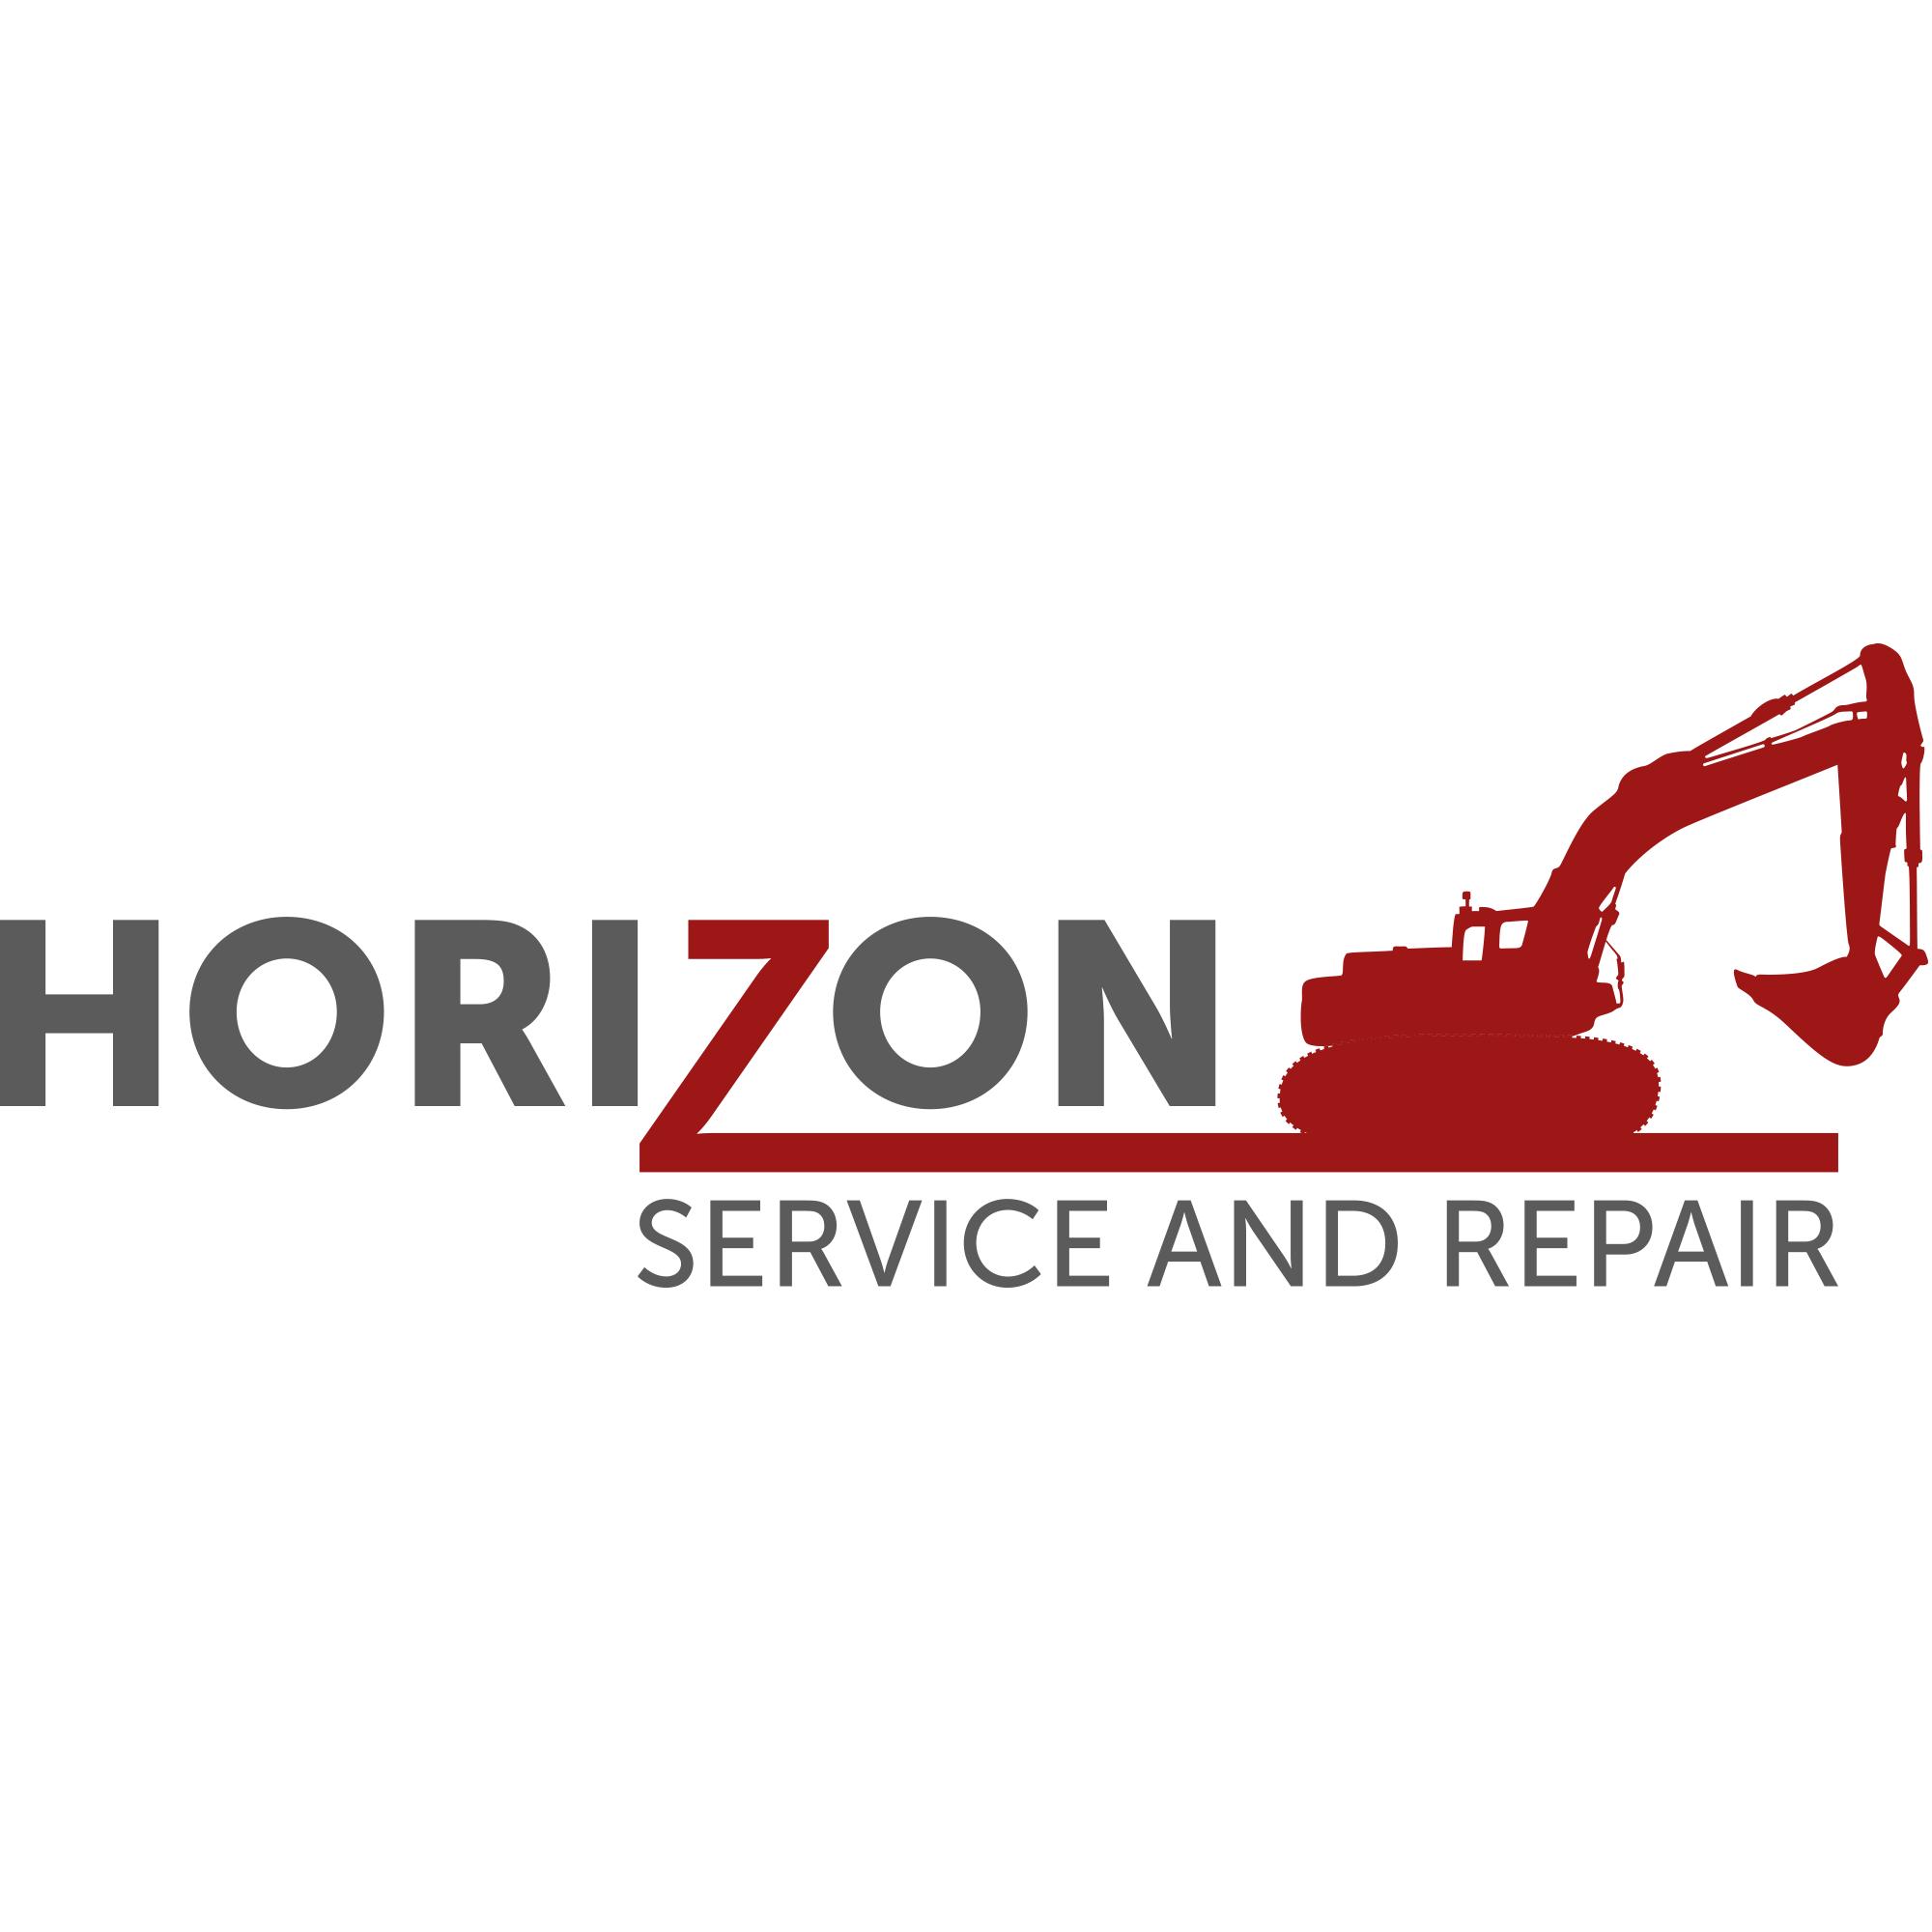 Horizon Service and Repair